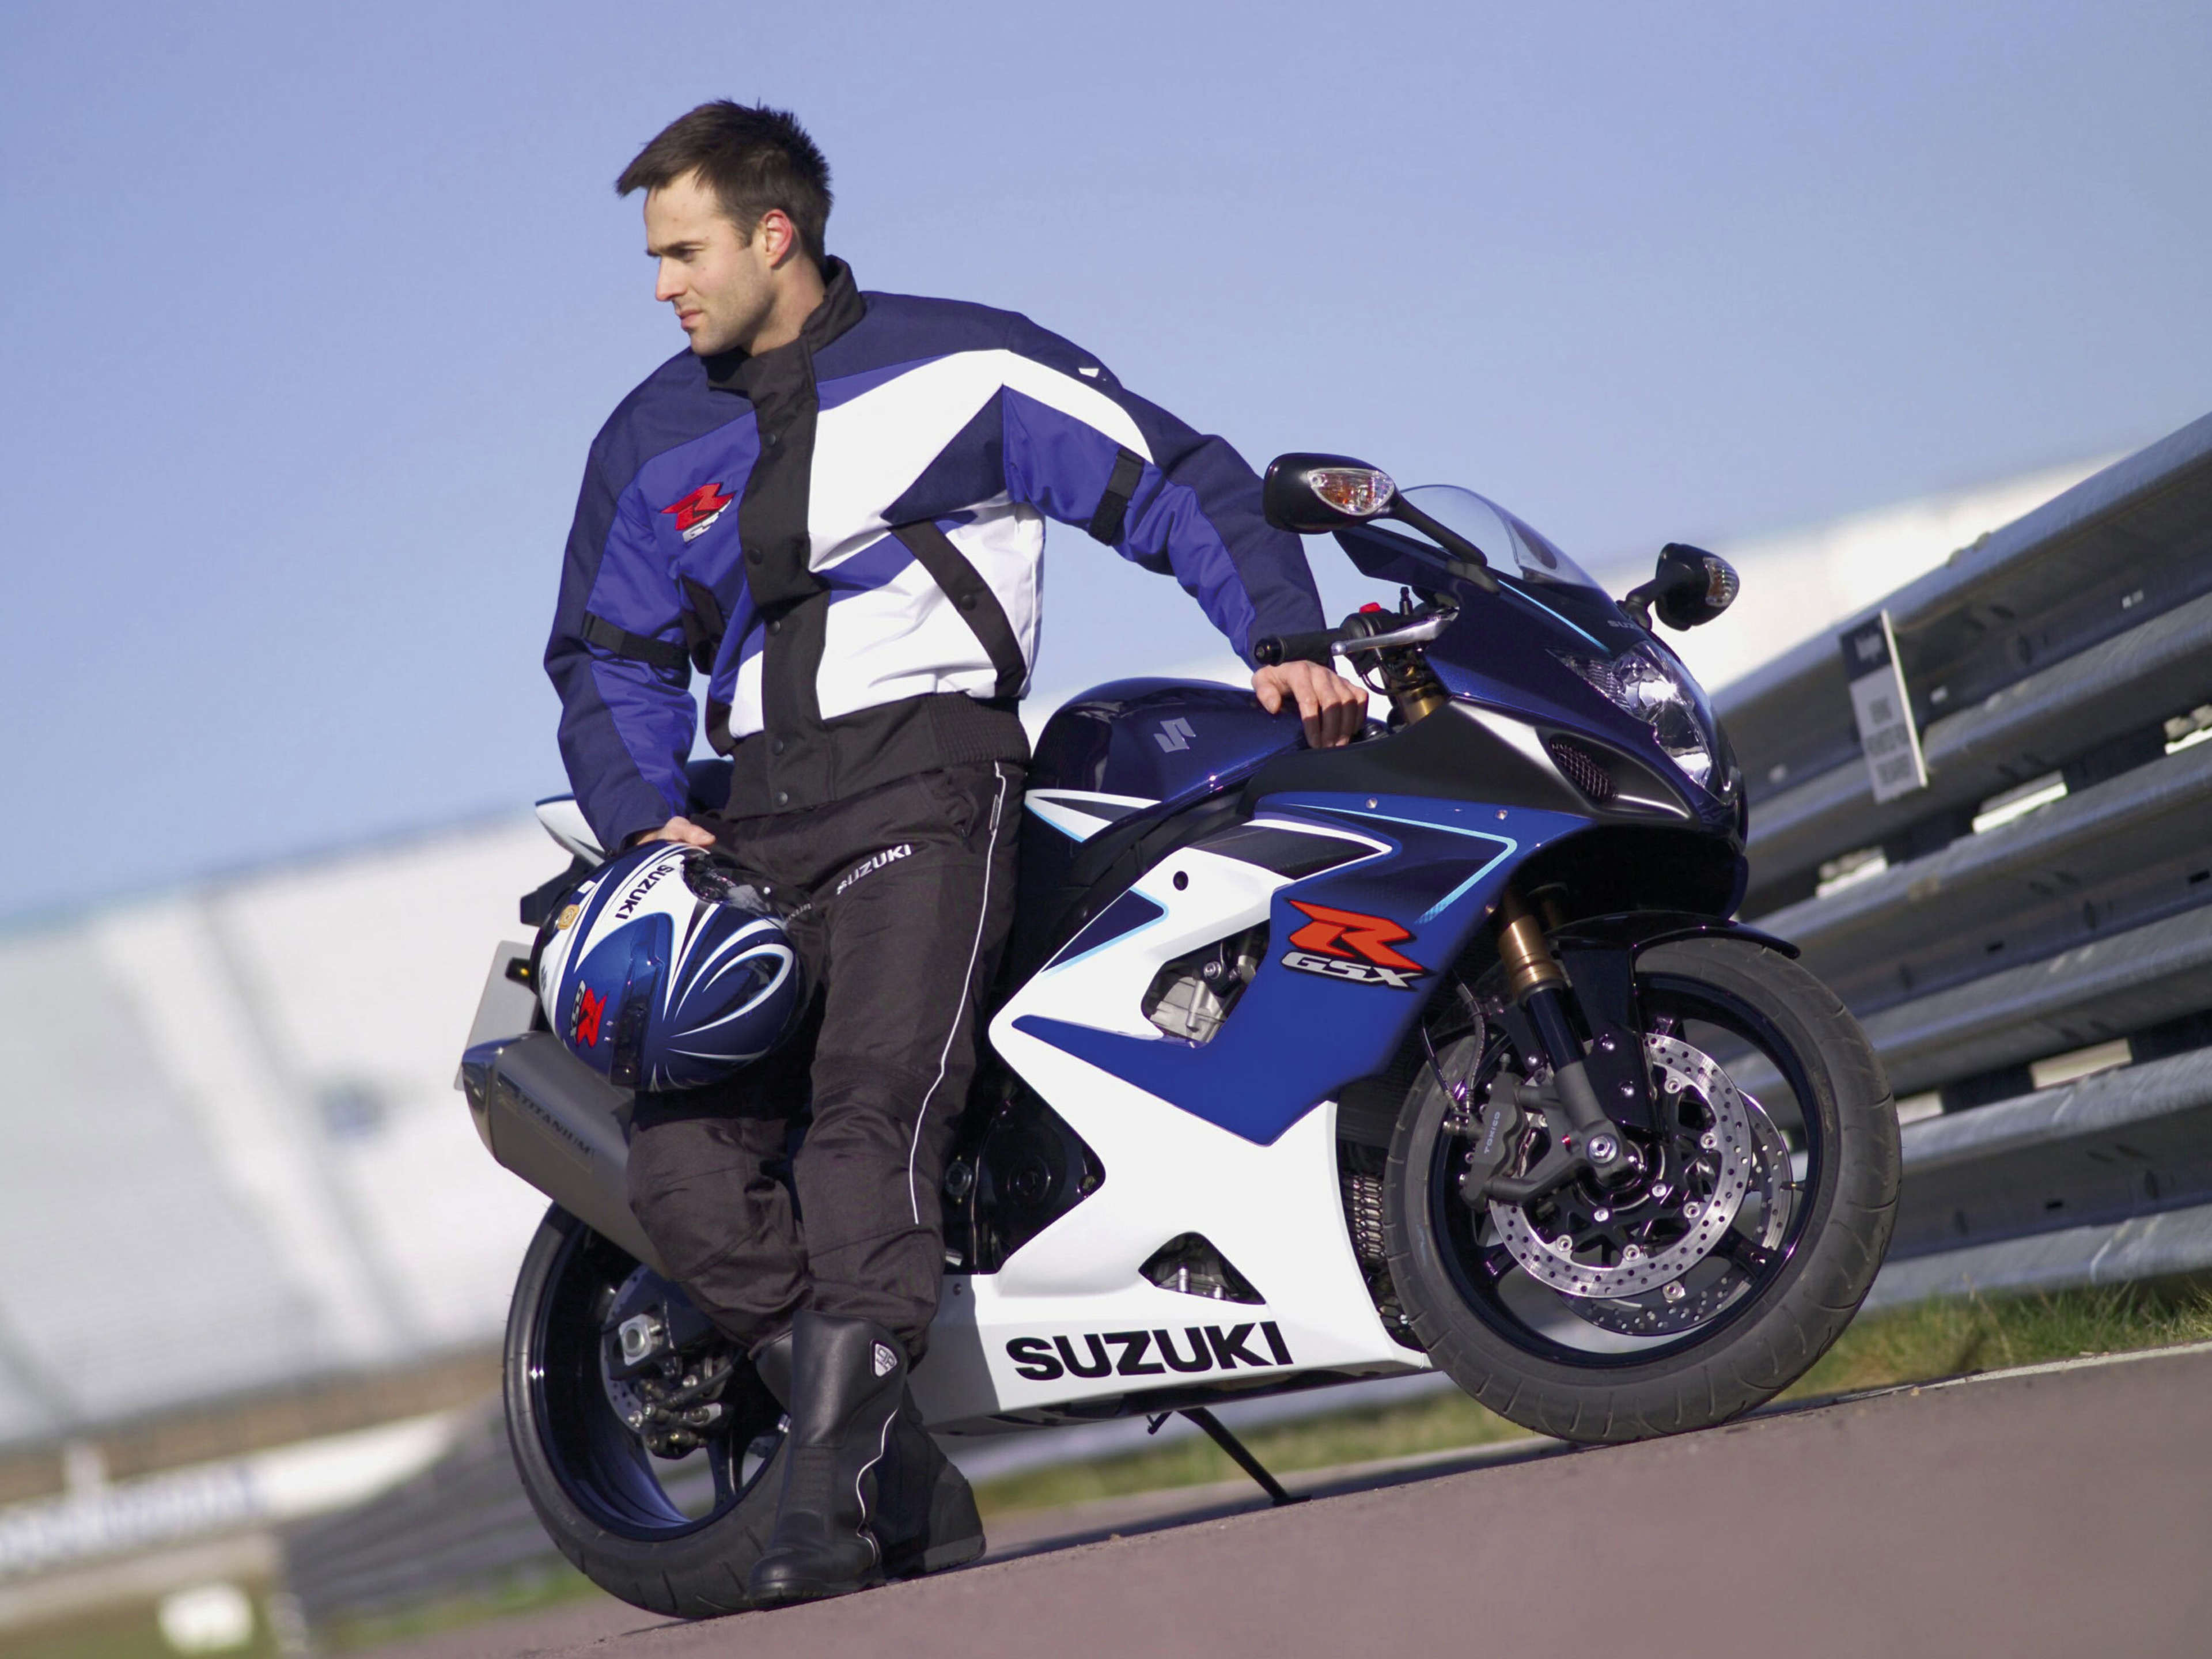 Suzuki Gsxr Clothing